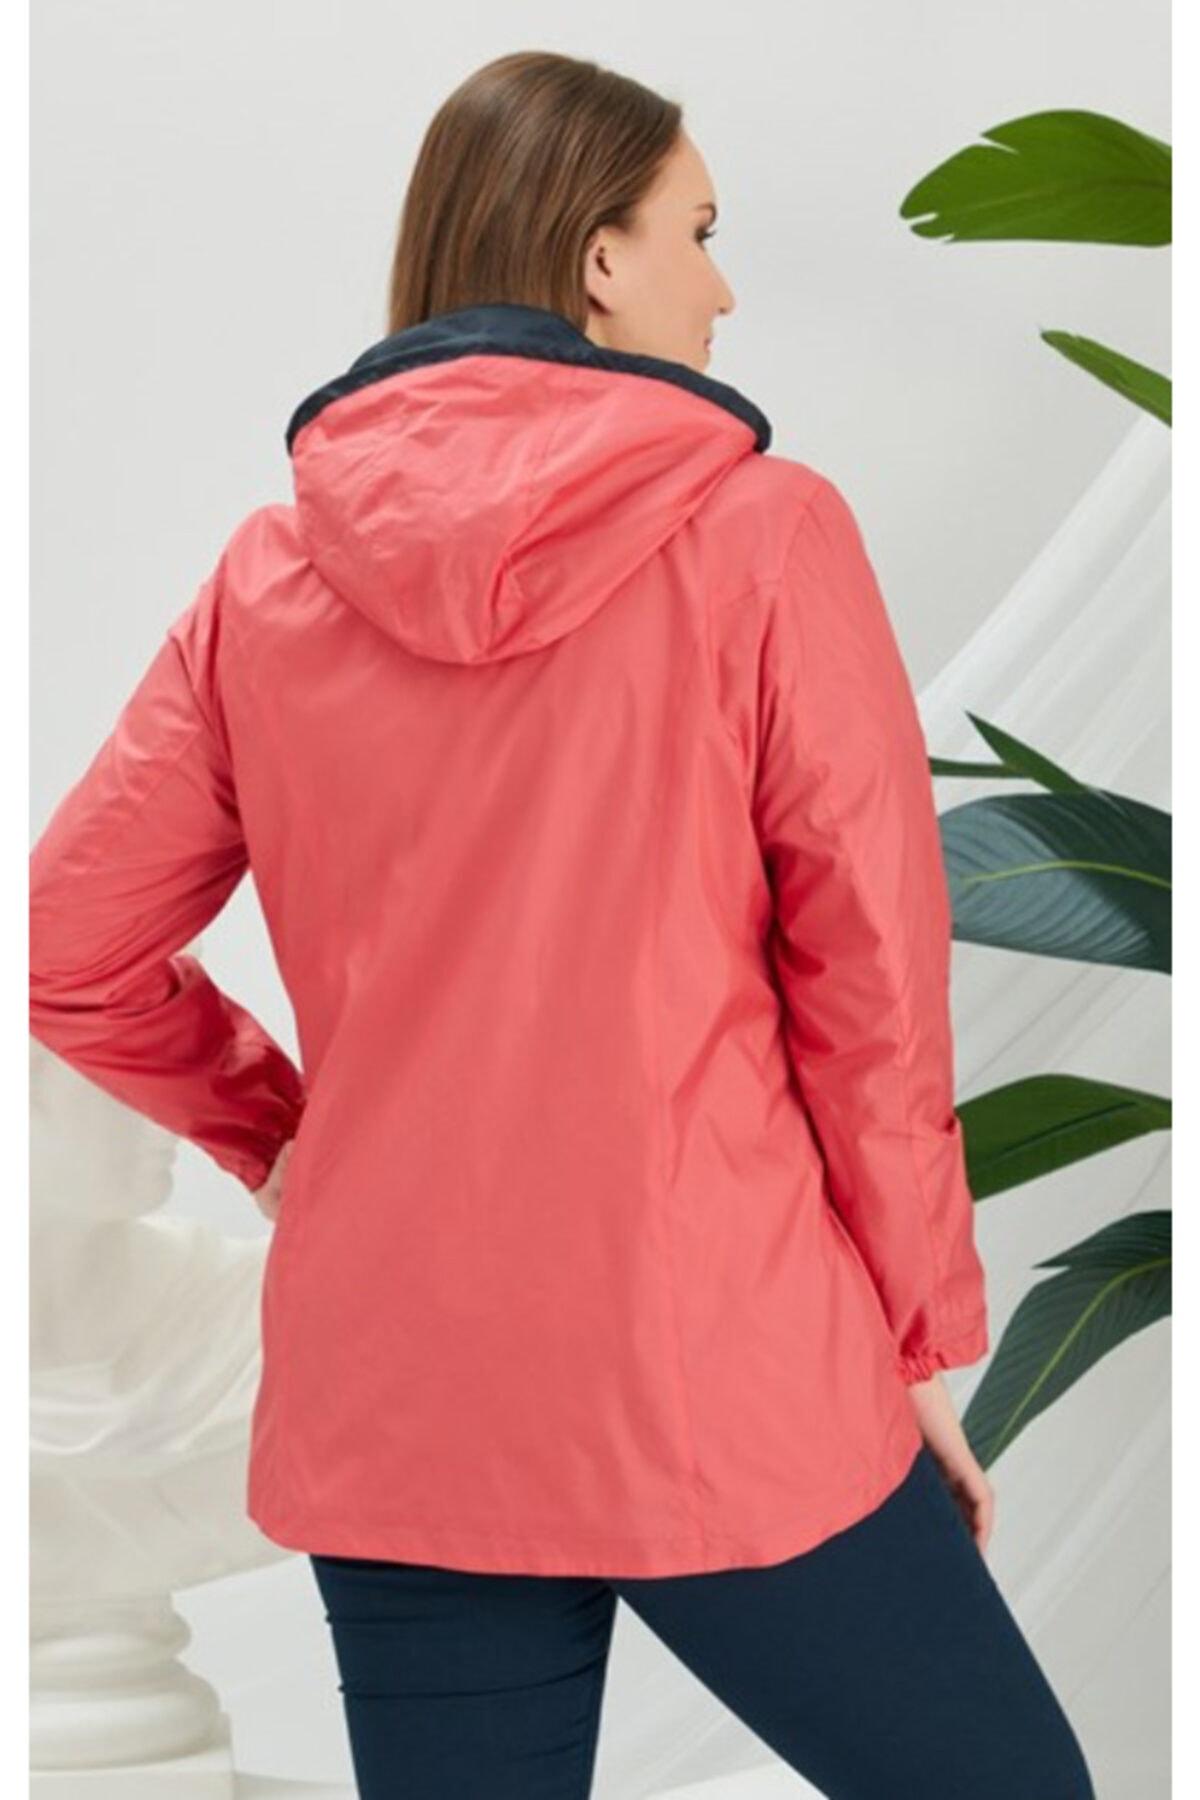 RMG Kadın Mercan Rengi İçi Fileli Büyük Beden Yağmurluk 2